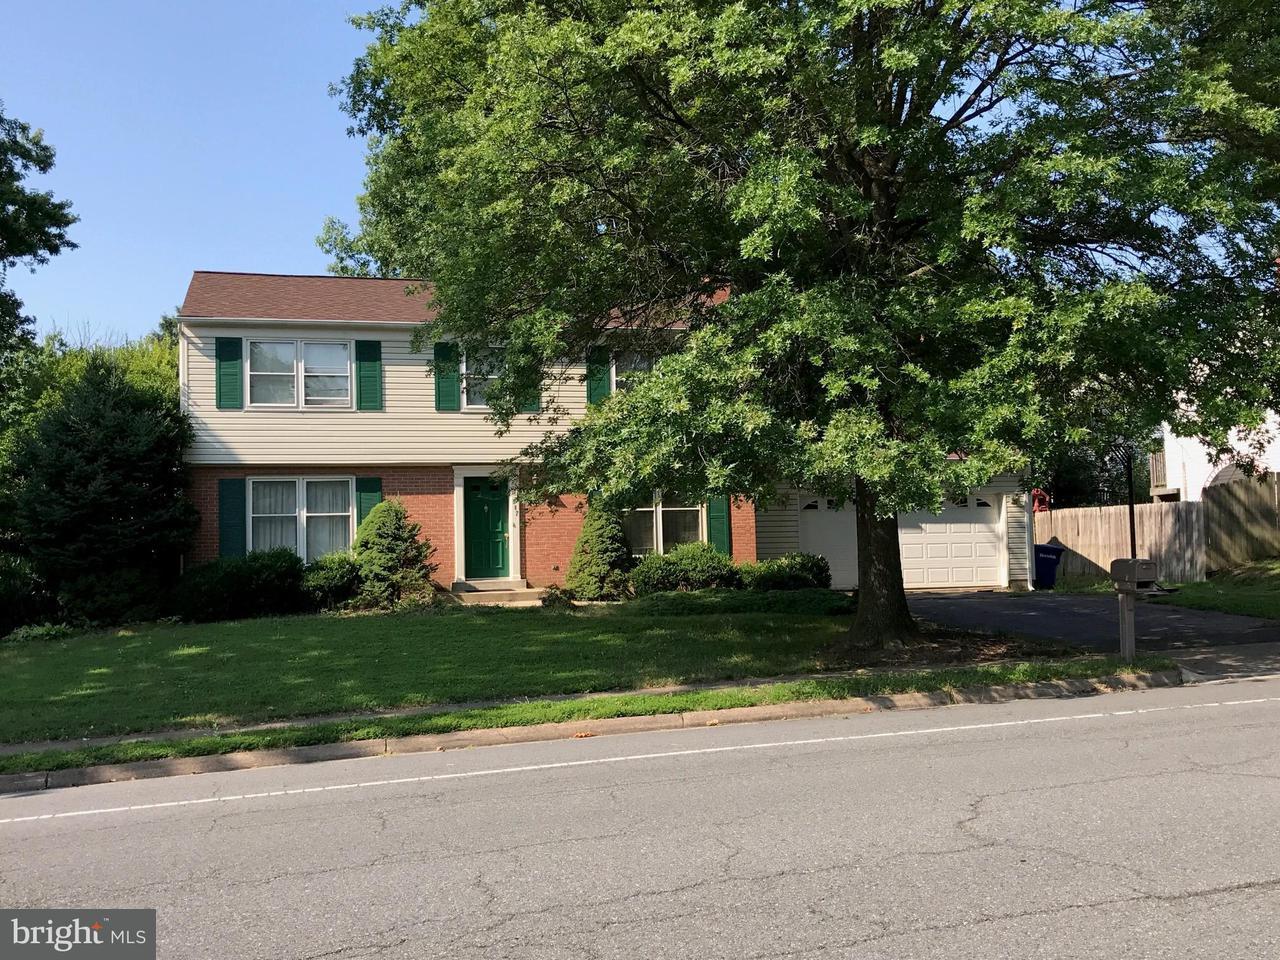 단독 가정 주택 용 매매 에 517 WORCHESTER Street 517 WORCHESTER Street Herndon, 버지니아 20170 미국